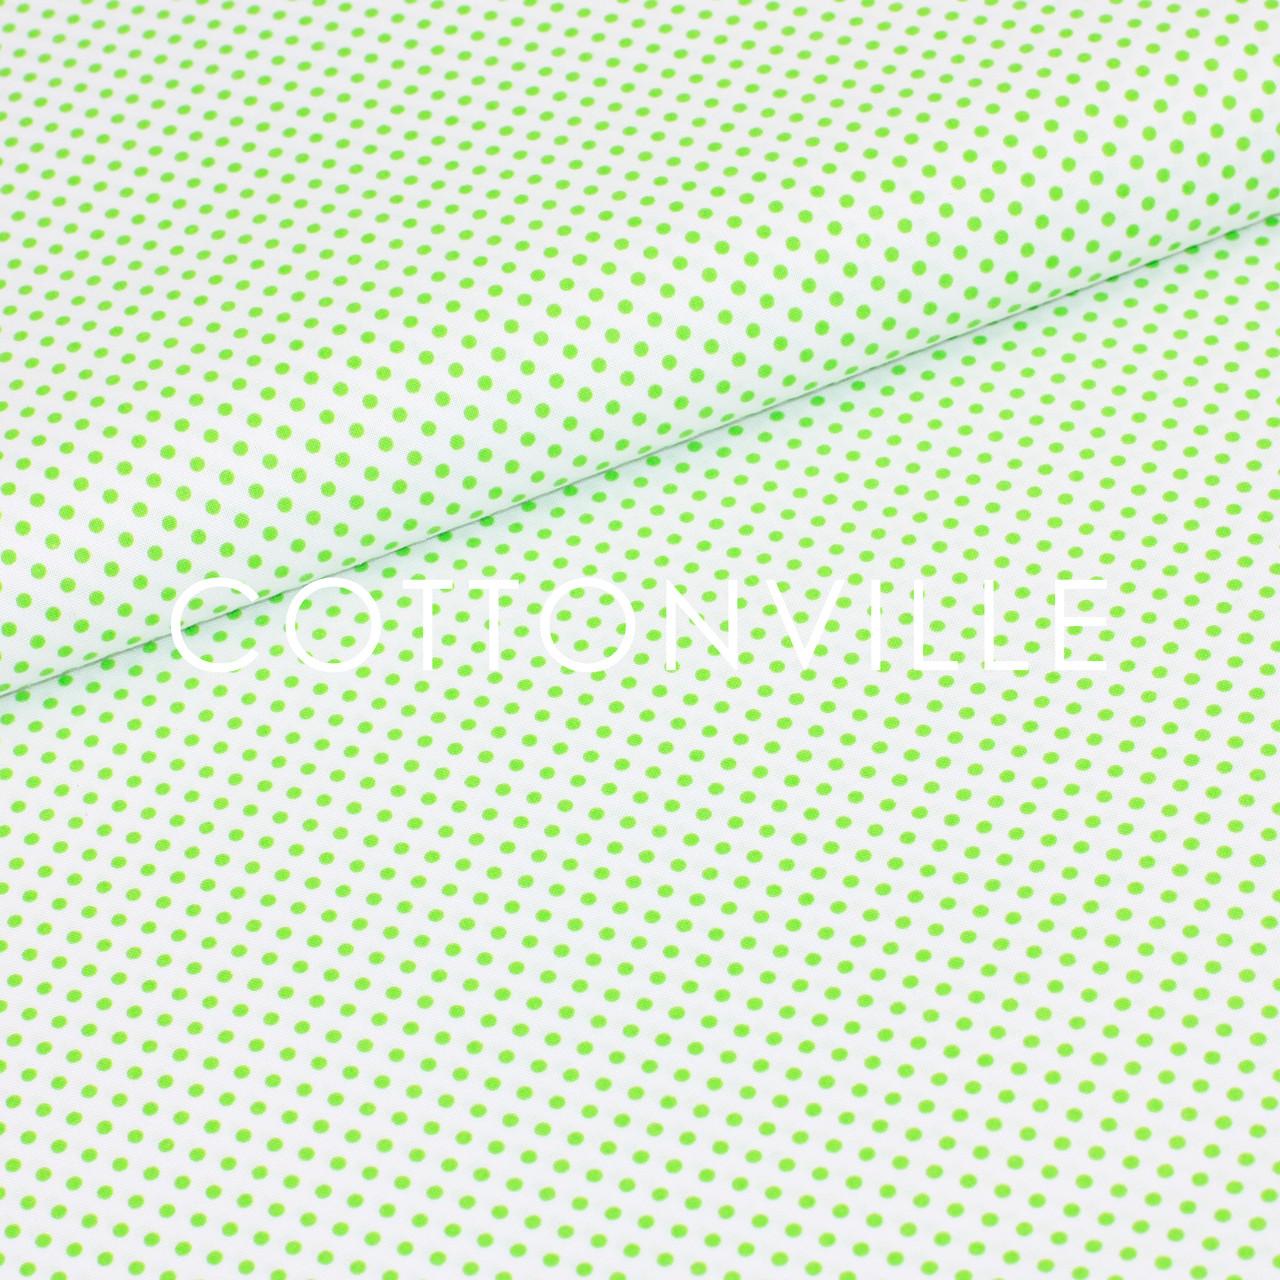 Бязь Горошки 3 мм світло-зелені на білому